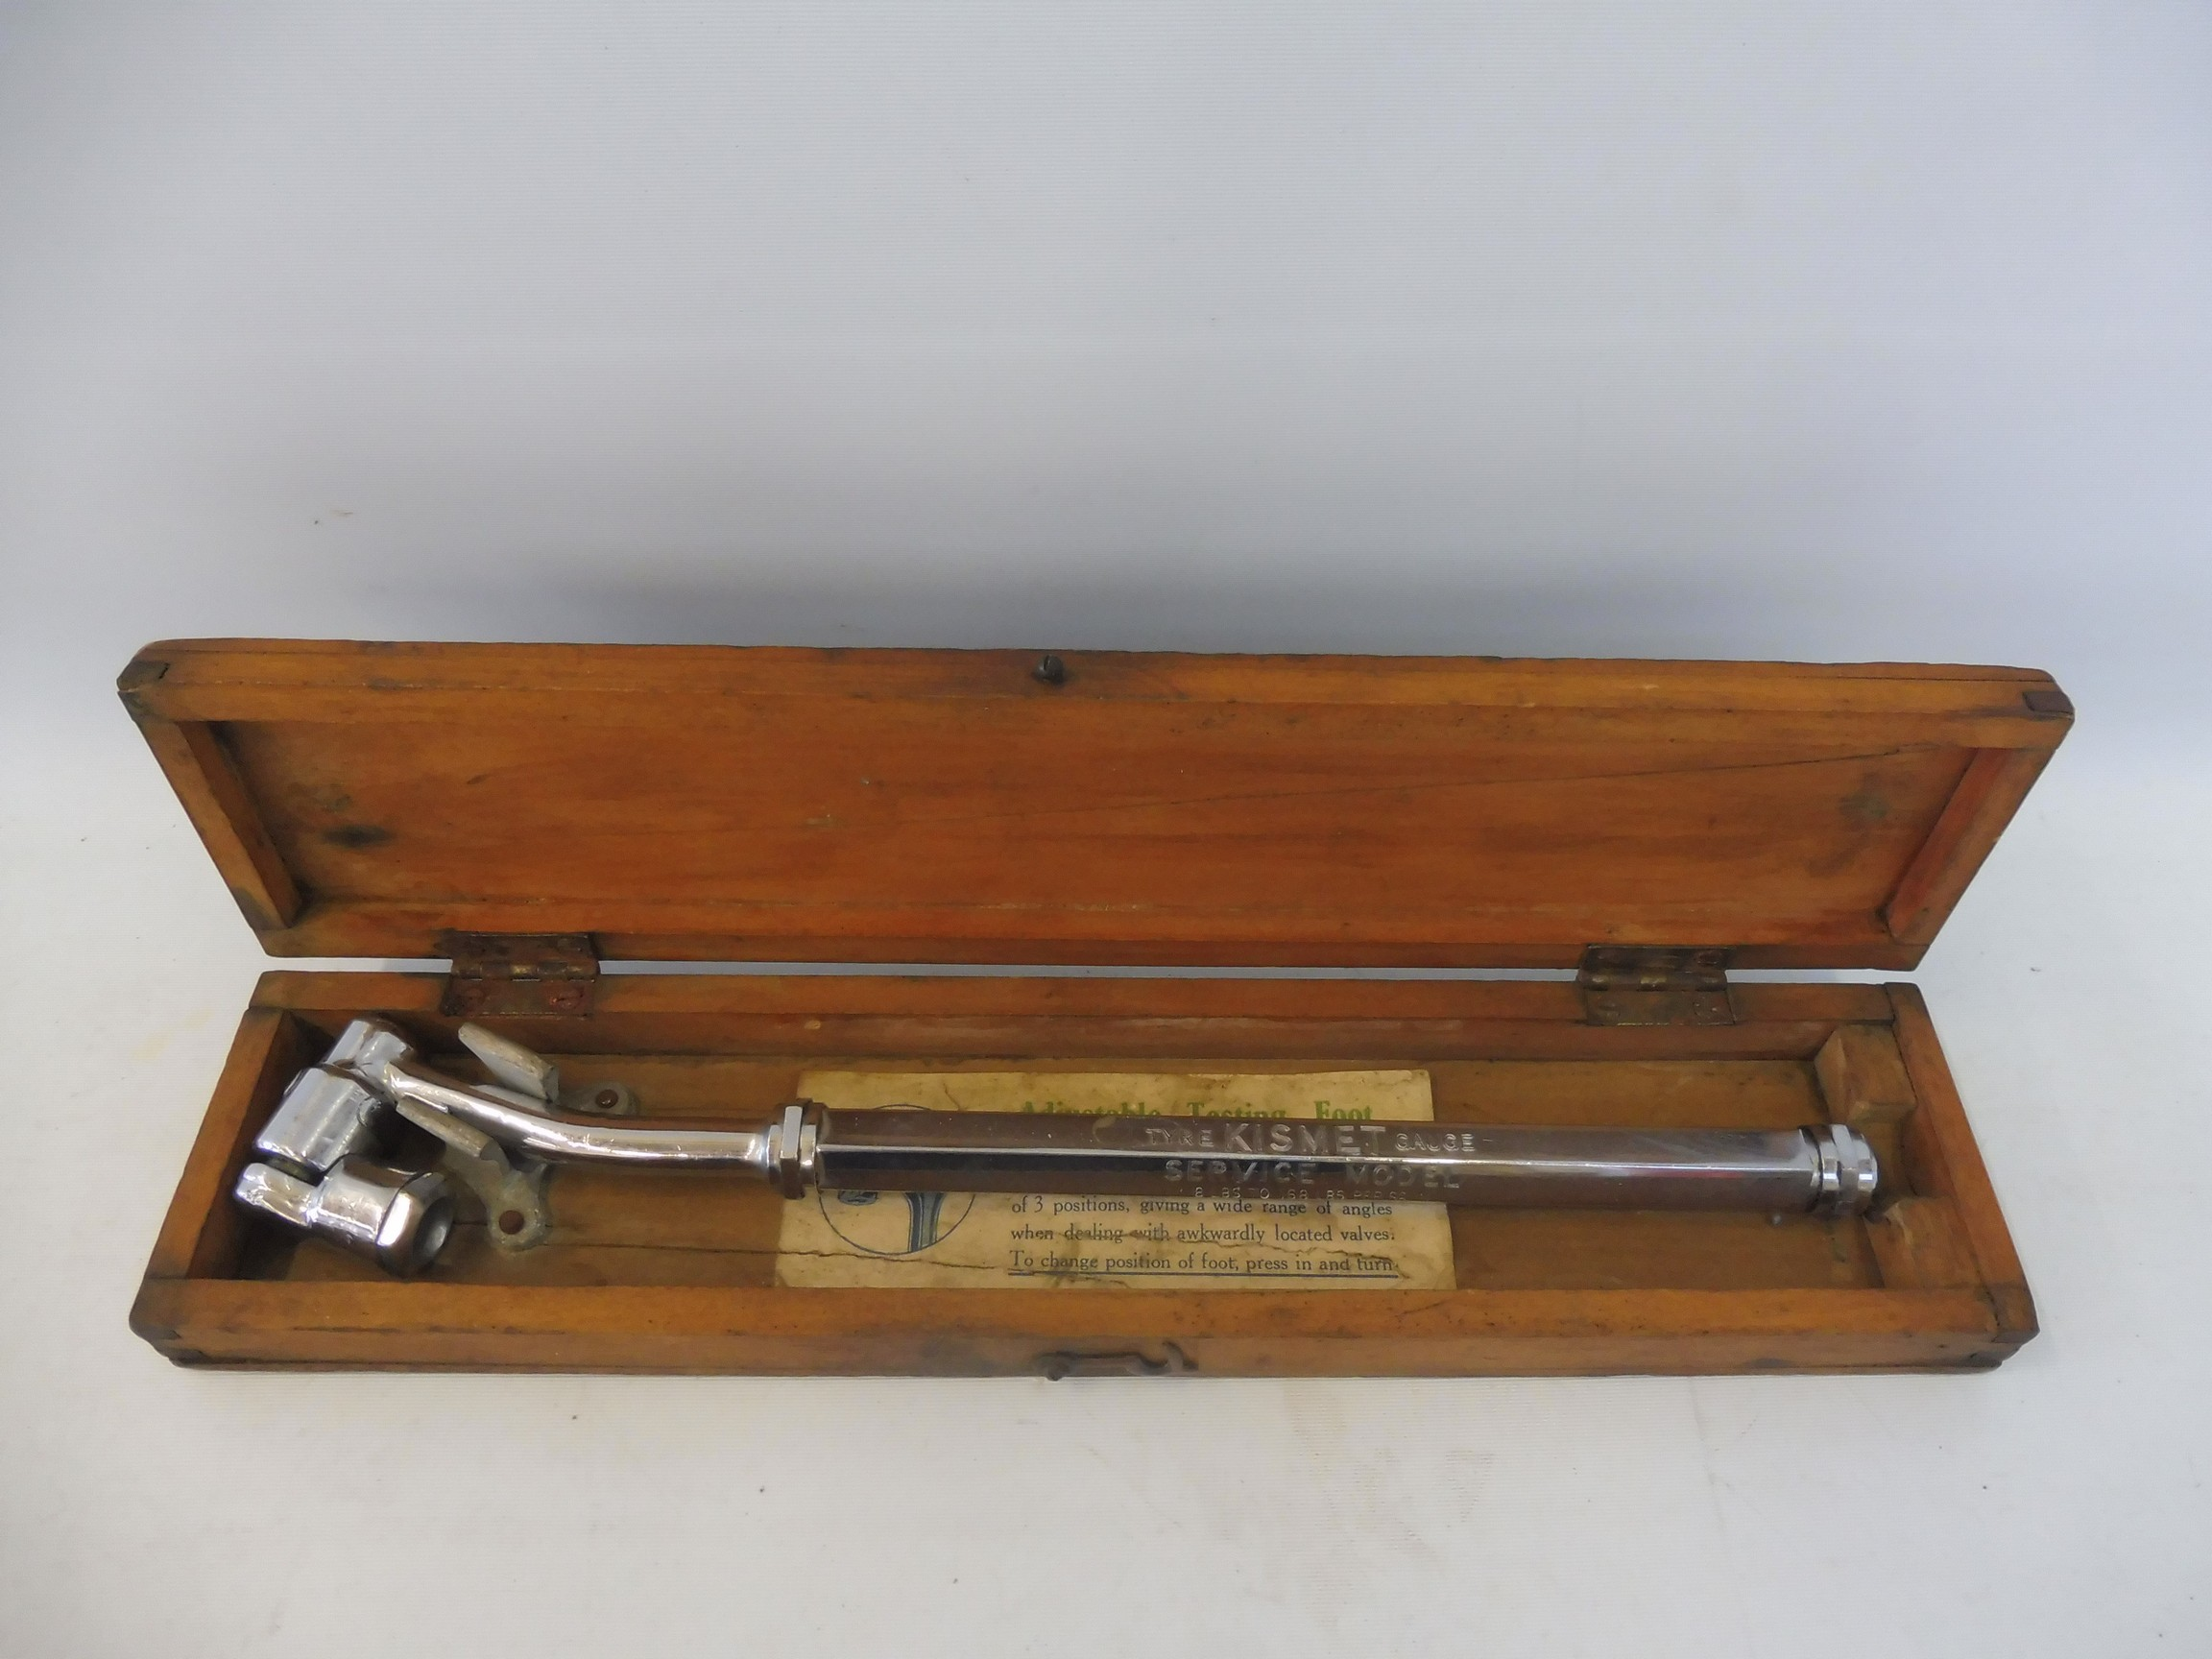 An original boxed Kismet tyre gauge. - Image 2 of 2